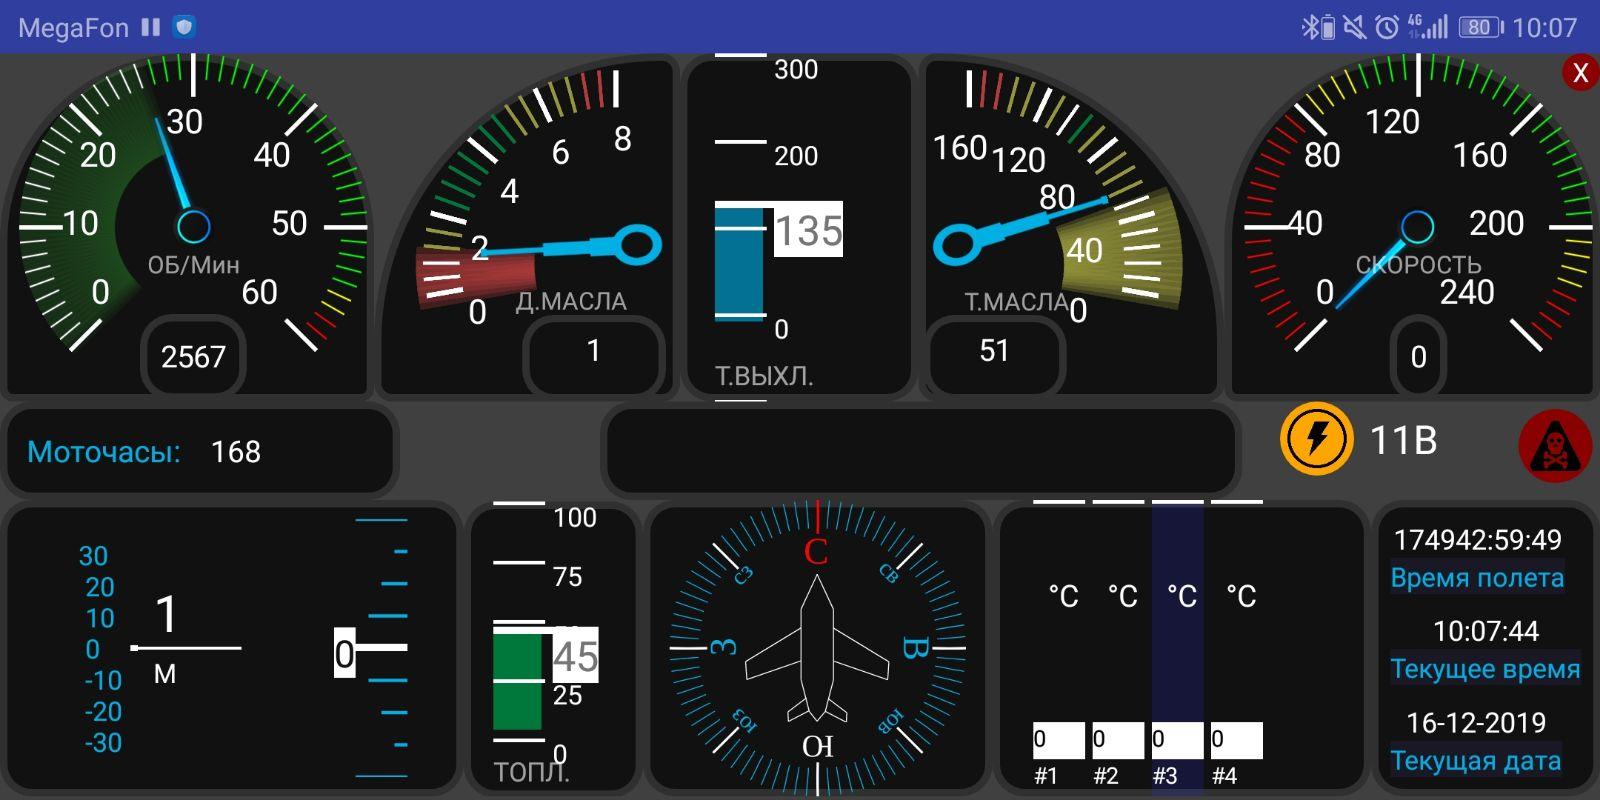 L'interface du tableau de bord numérique de l'avion intelligent